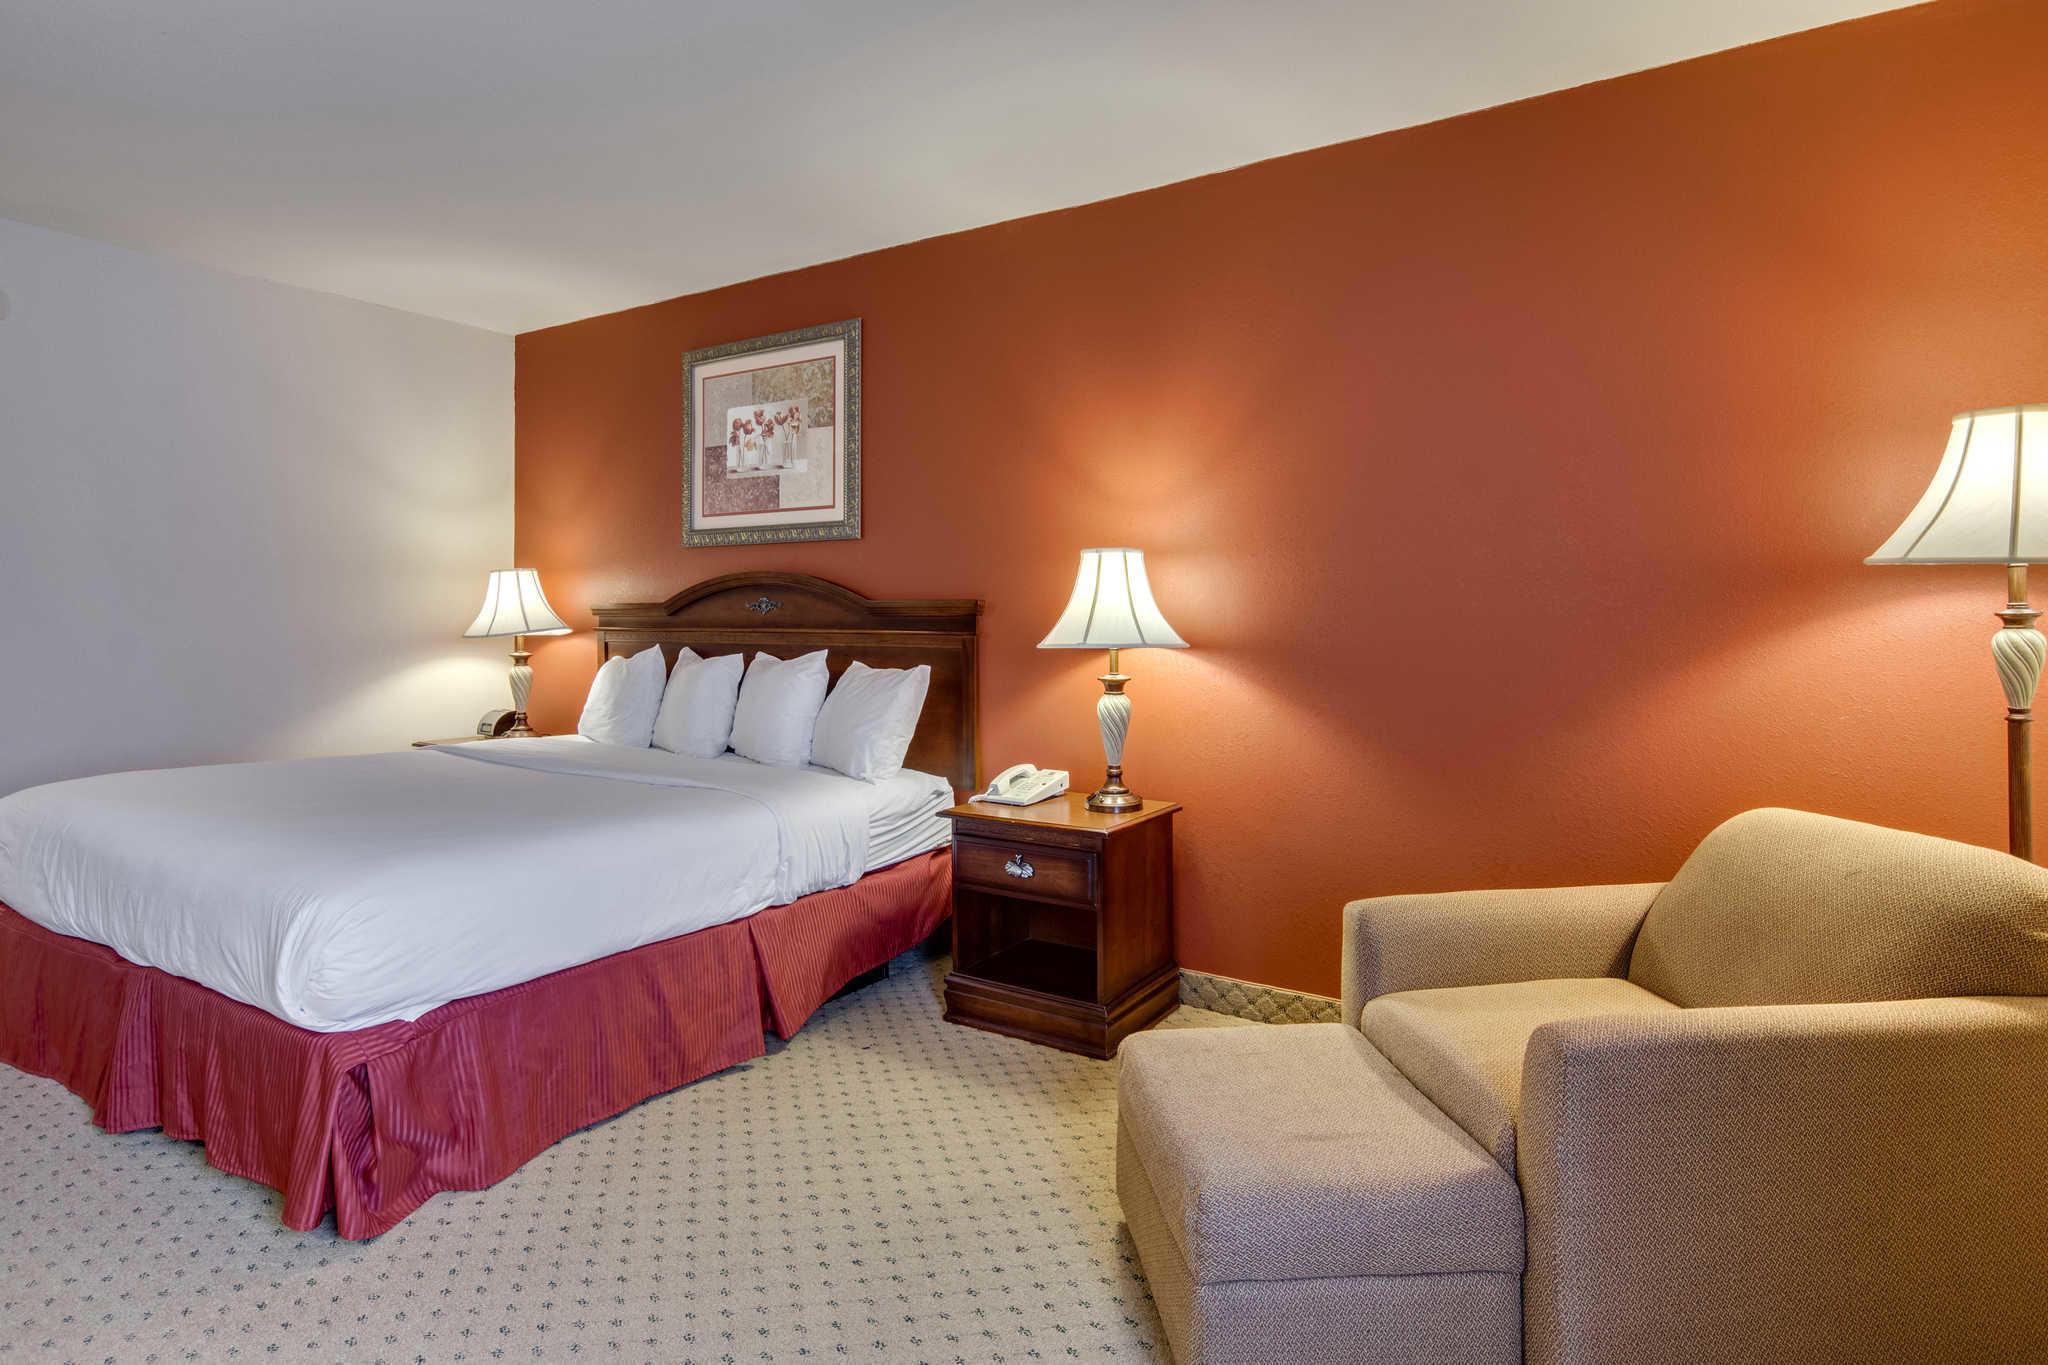 Quality Inn Jacksonville image 17